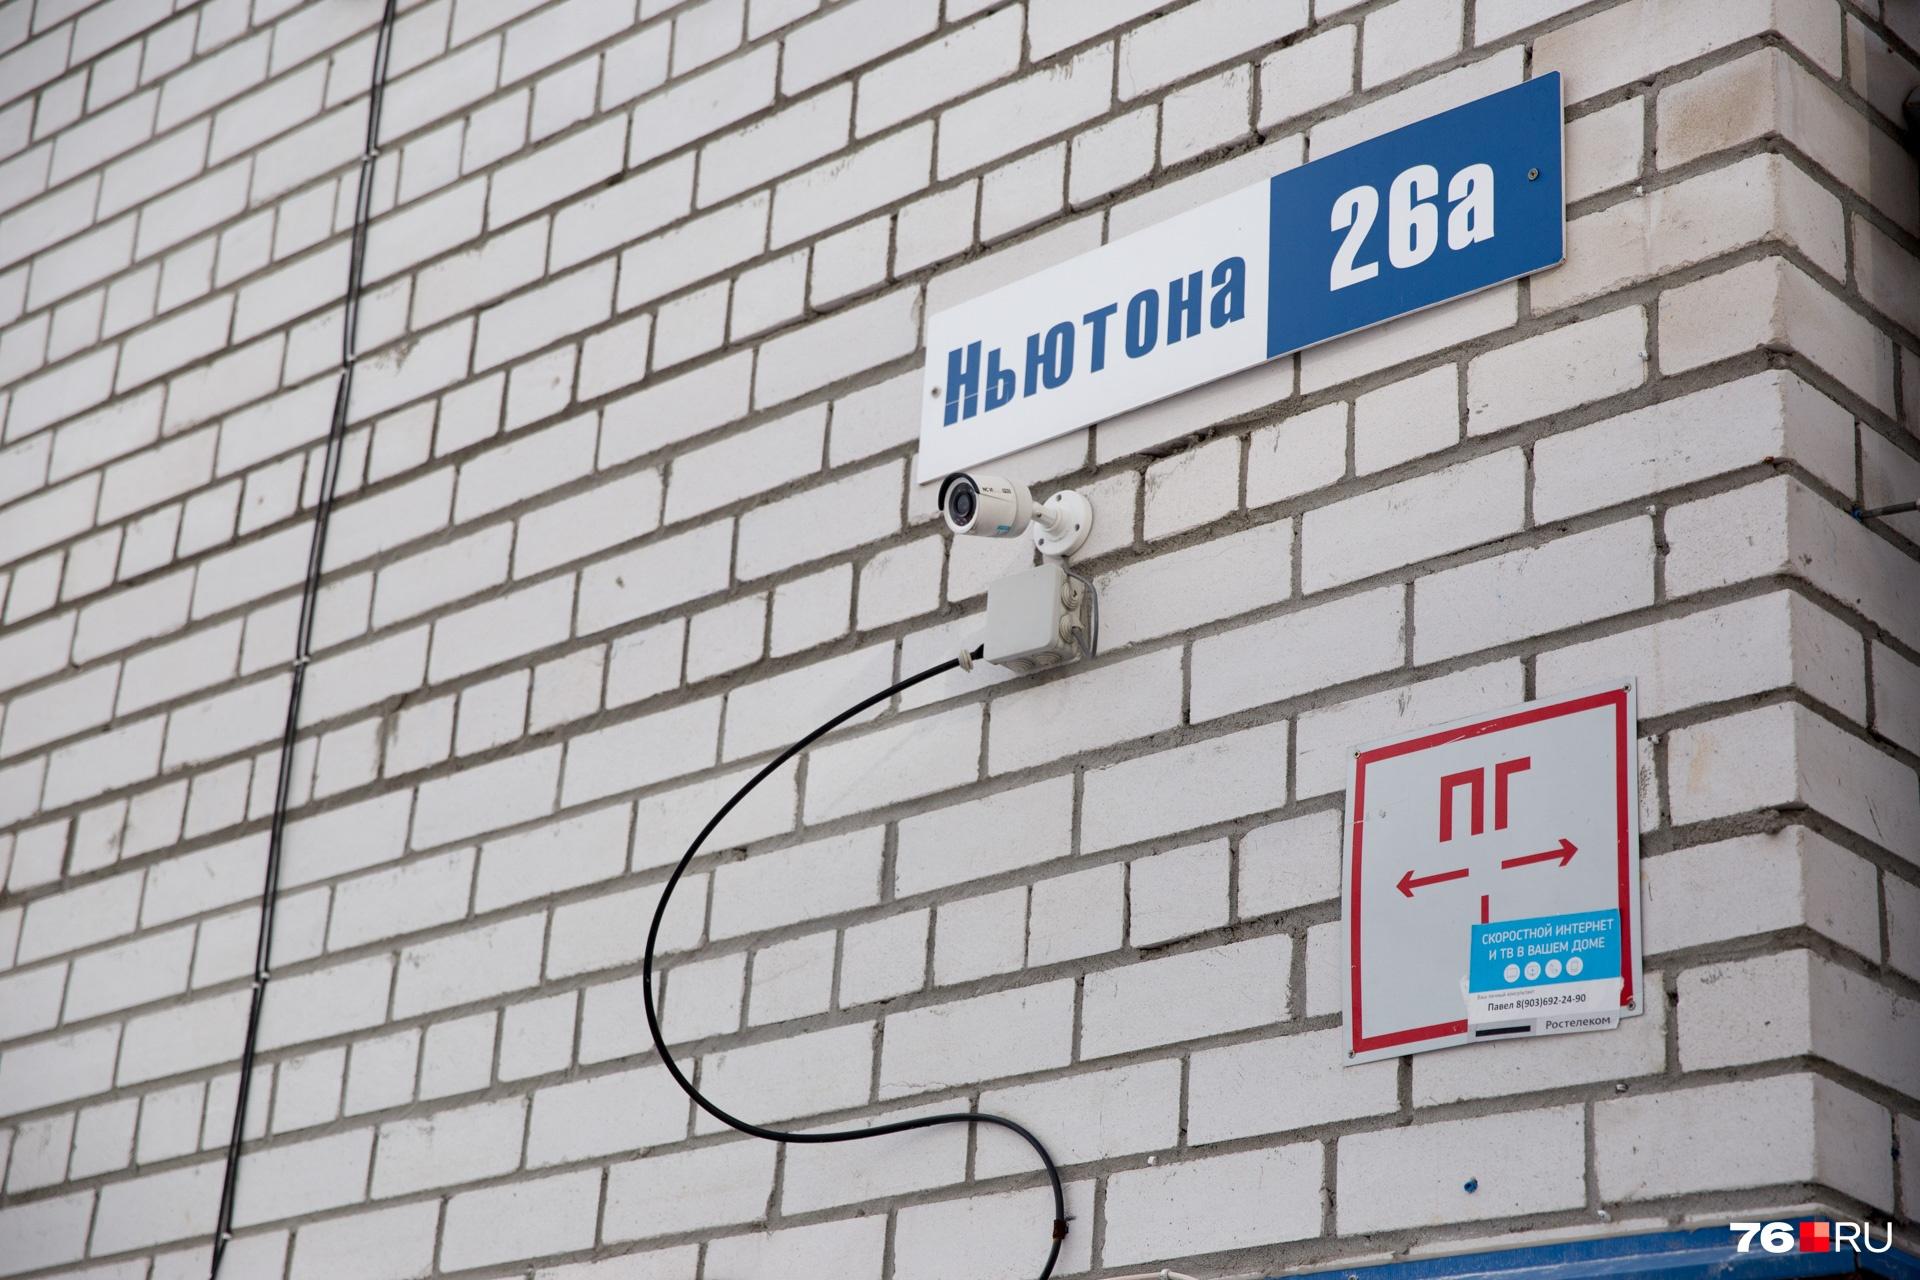 Предполагаемые поджигатели попали в объективы камер видеонаблюдения